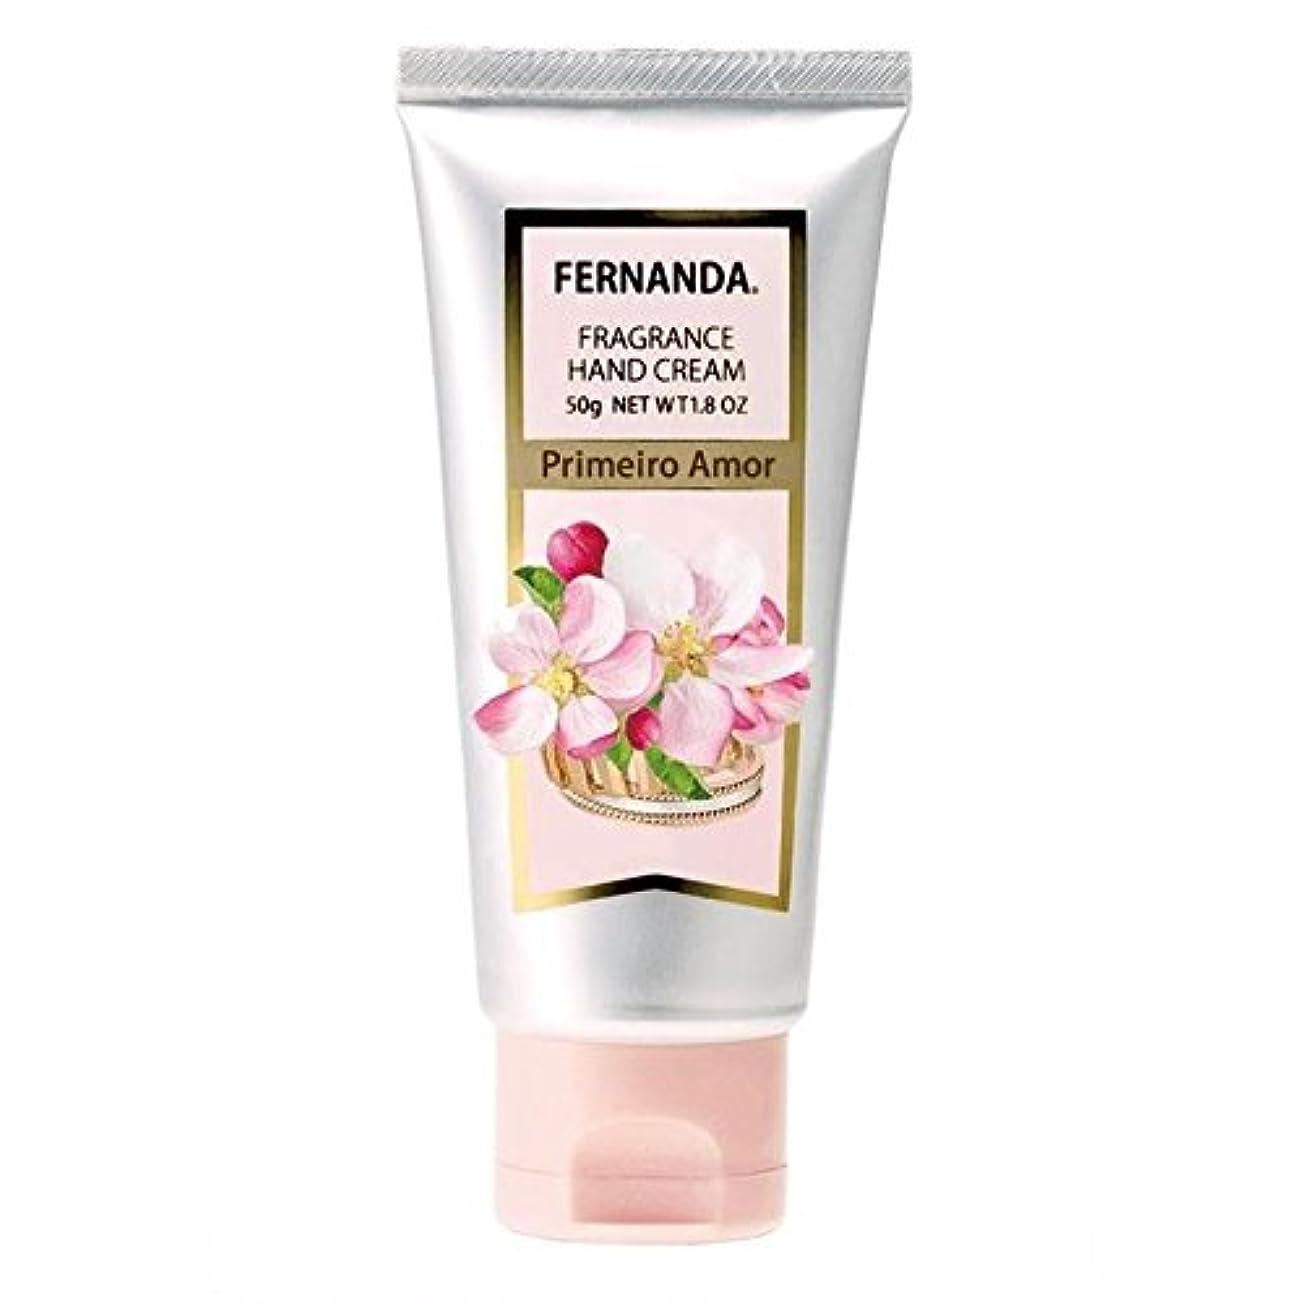 画像電気油FERNANDA(フェルナンダ) Hand Cream Primeiro Amor(ハンドクリーム プリメイロアモール)